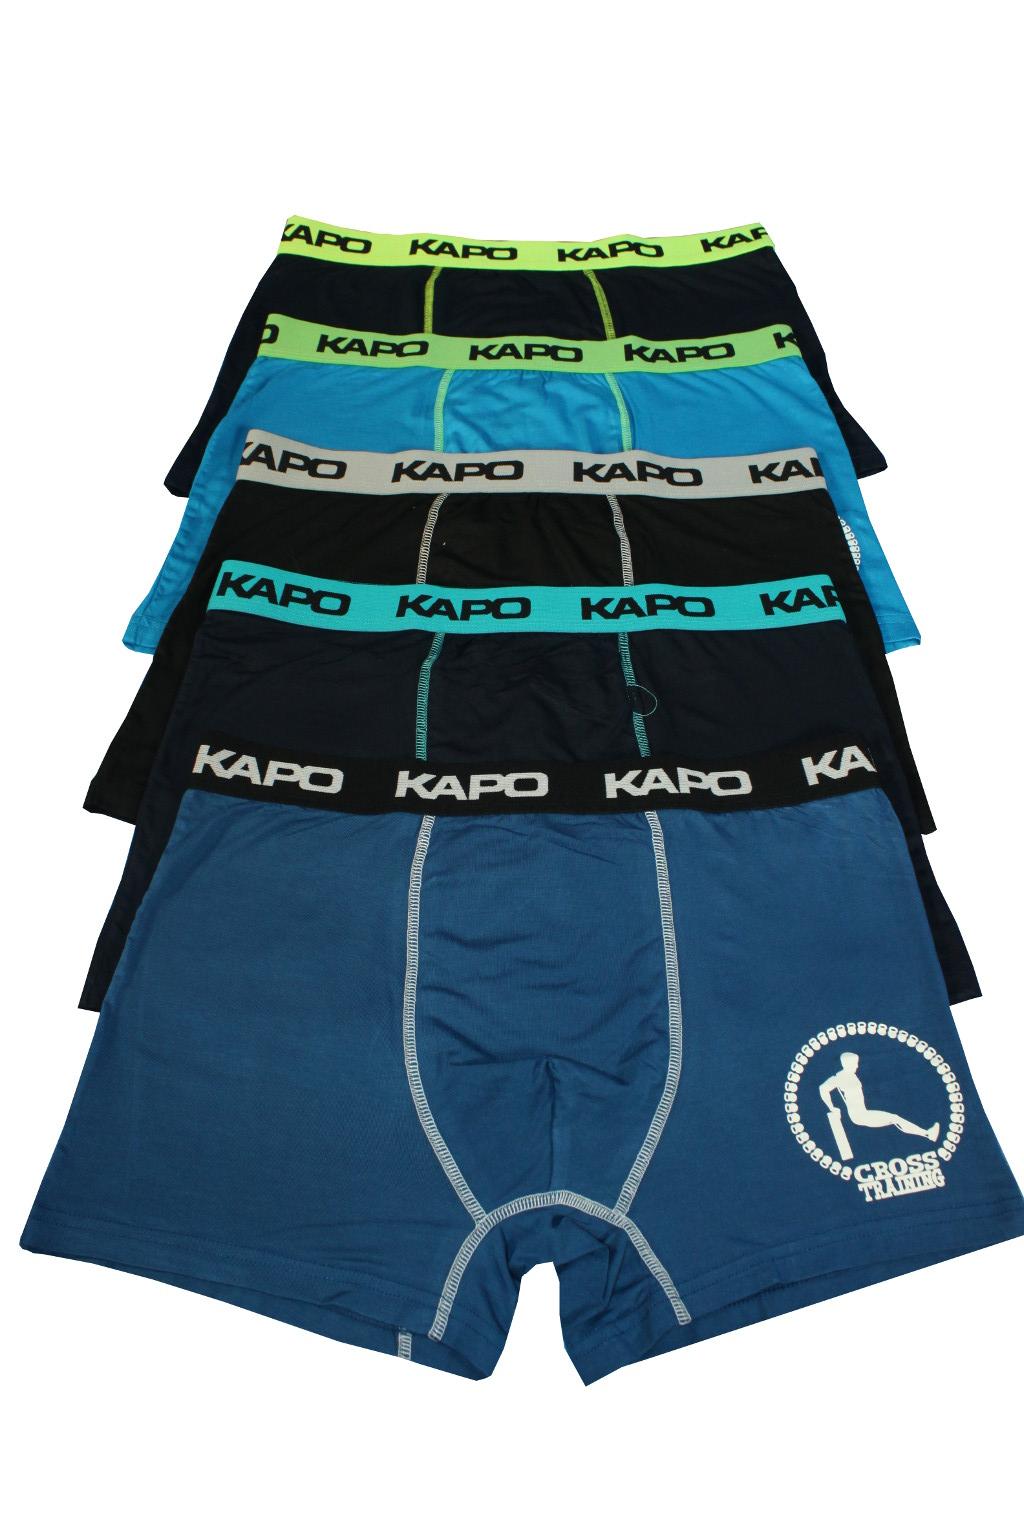 CrossTraining KAPO bambus boxerky 5ks L MIX